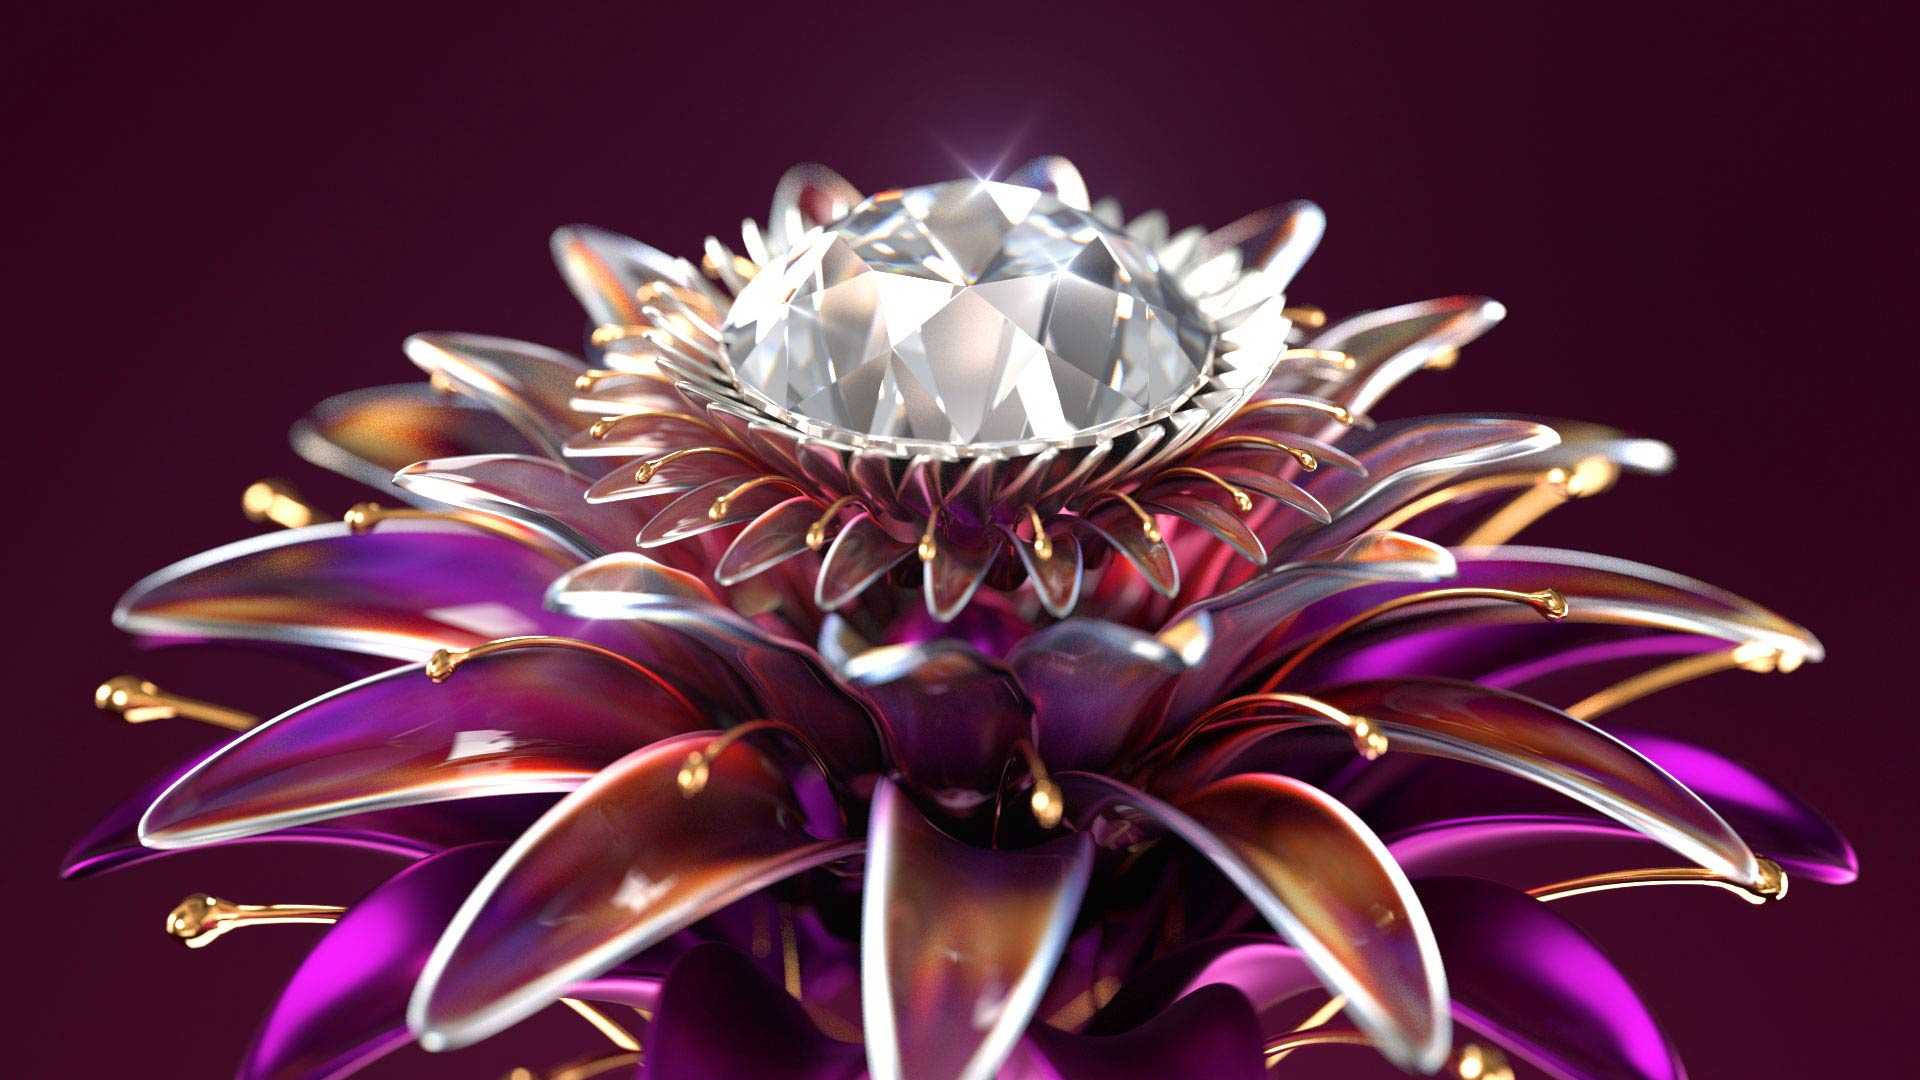 flowerline_13